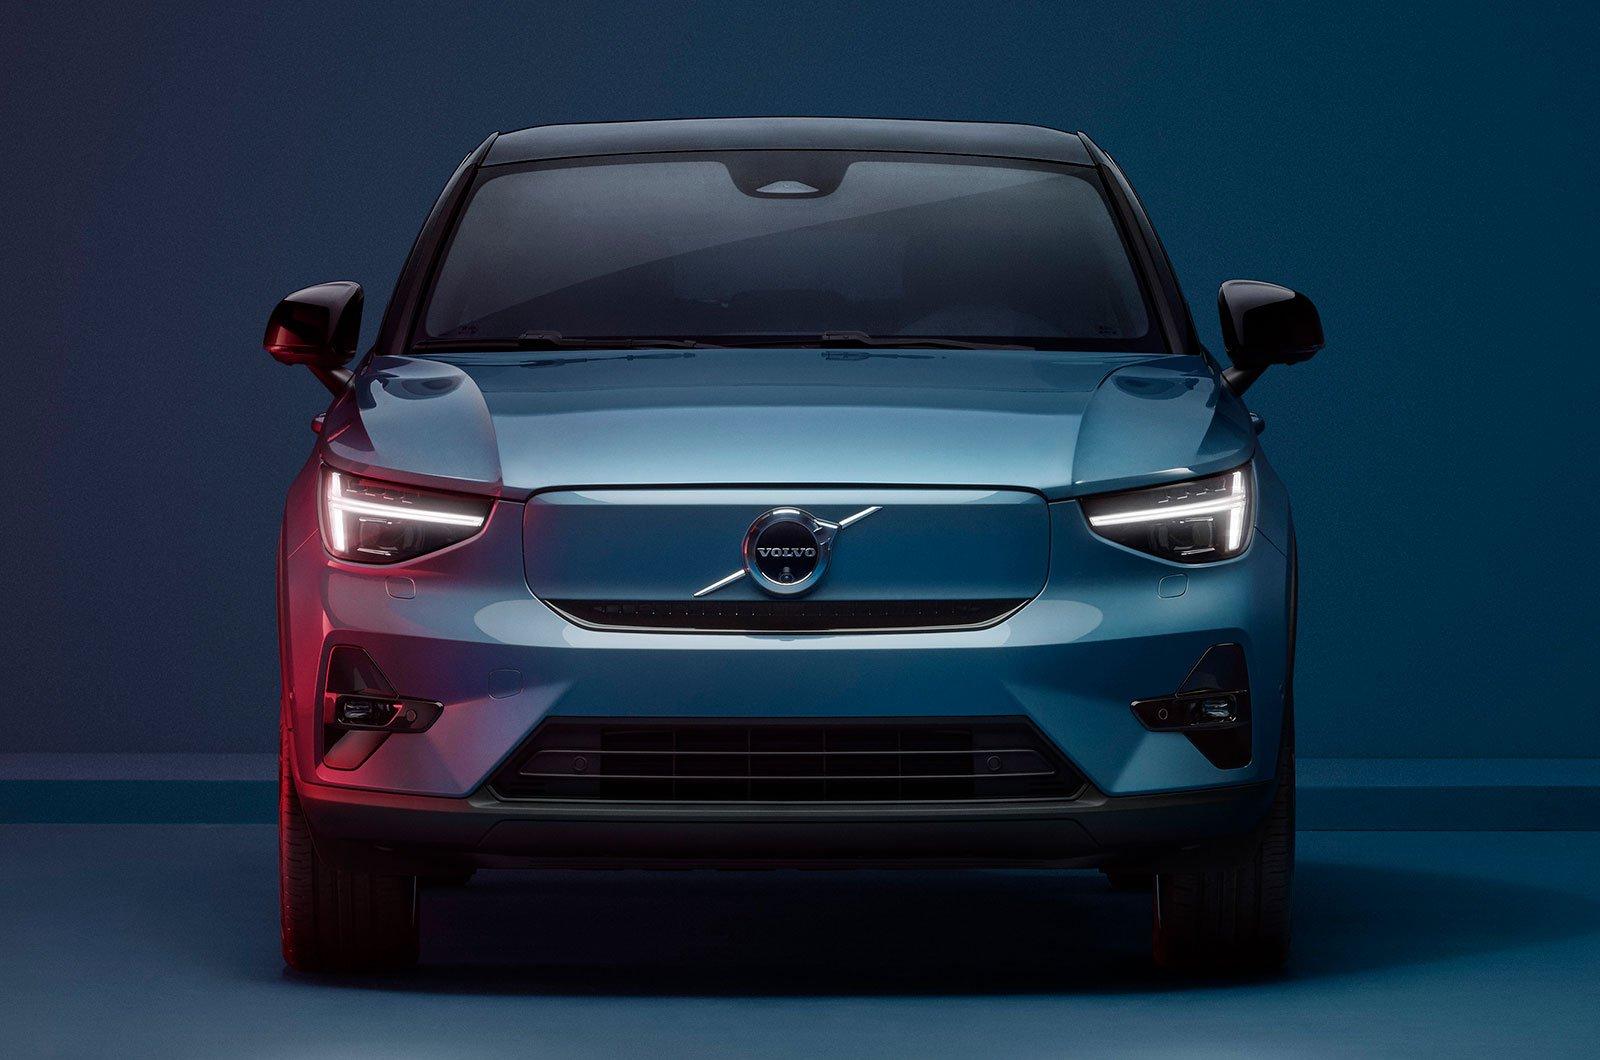 2022 Volvo C40 front